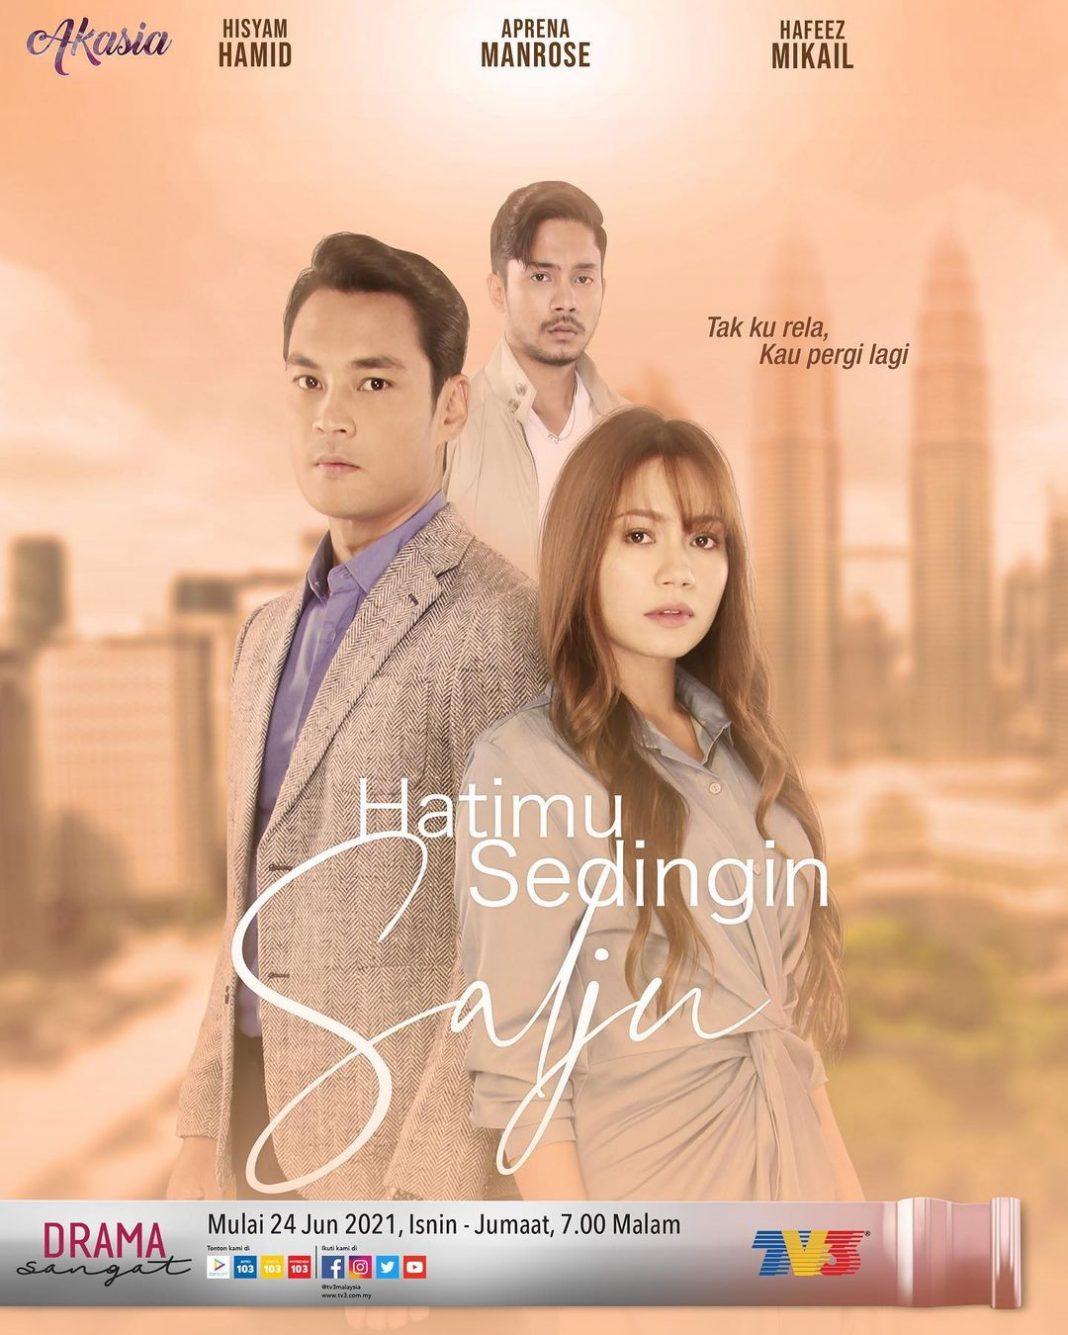 Drama di slot Akasia TV3 terbaru 24 Jun 2021